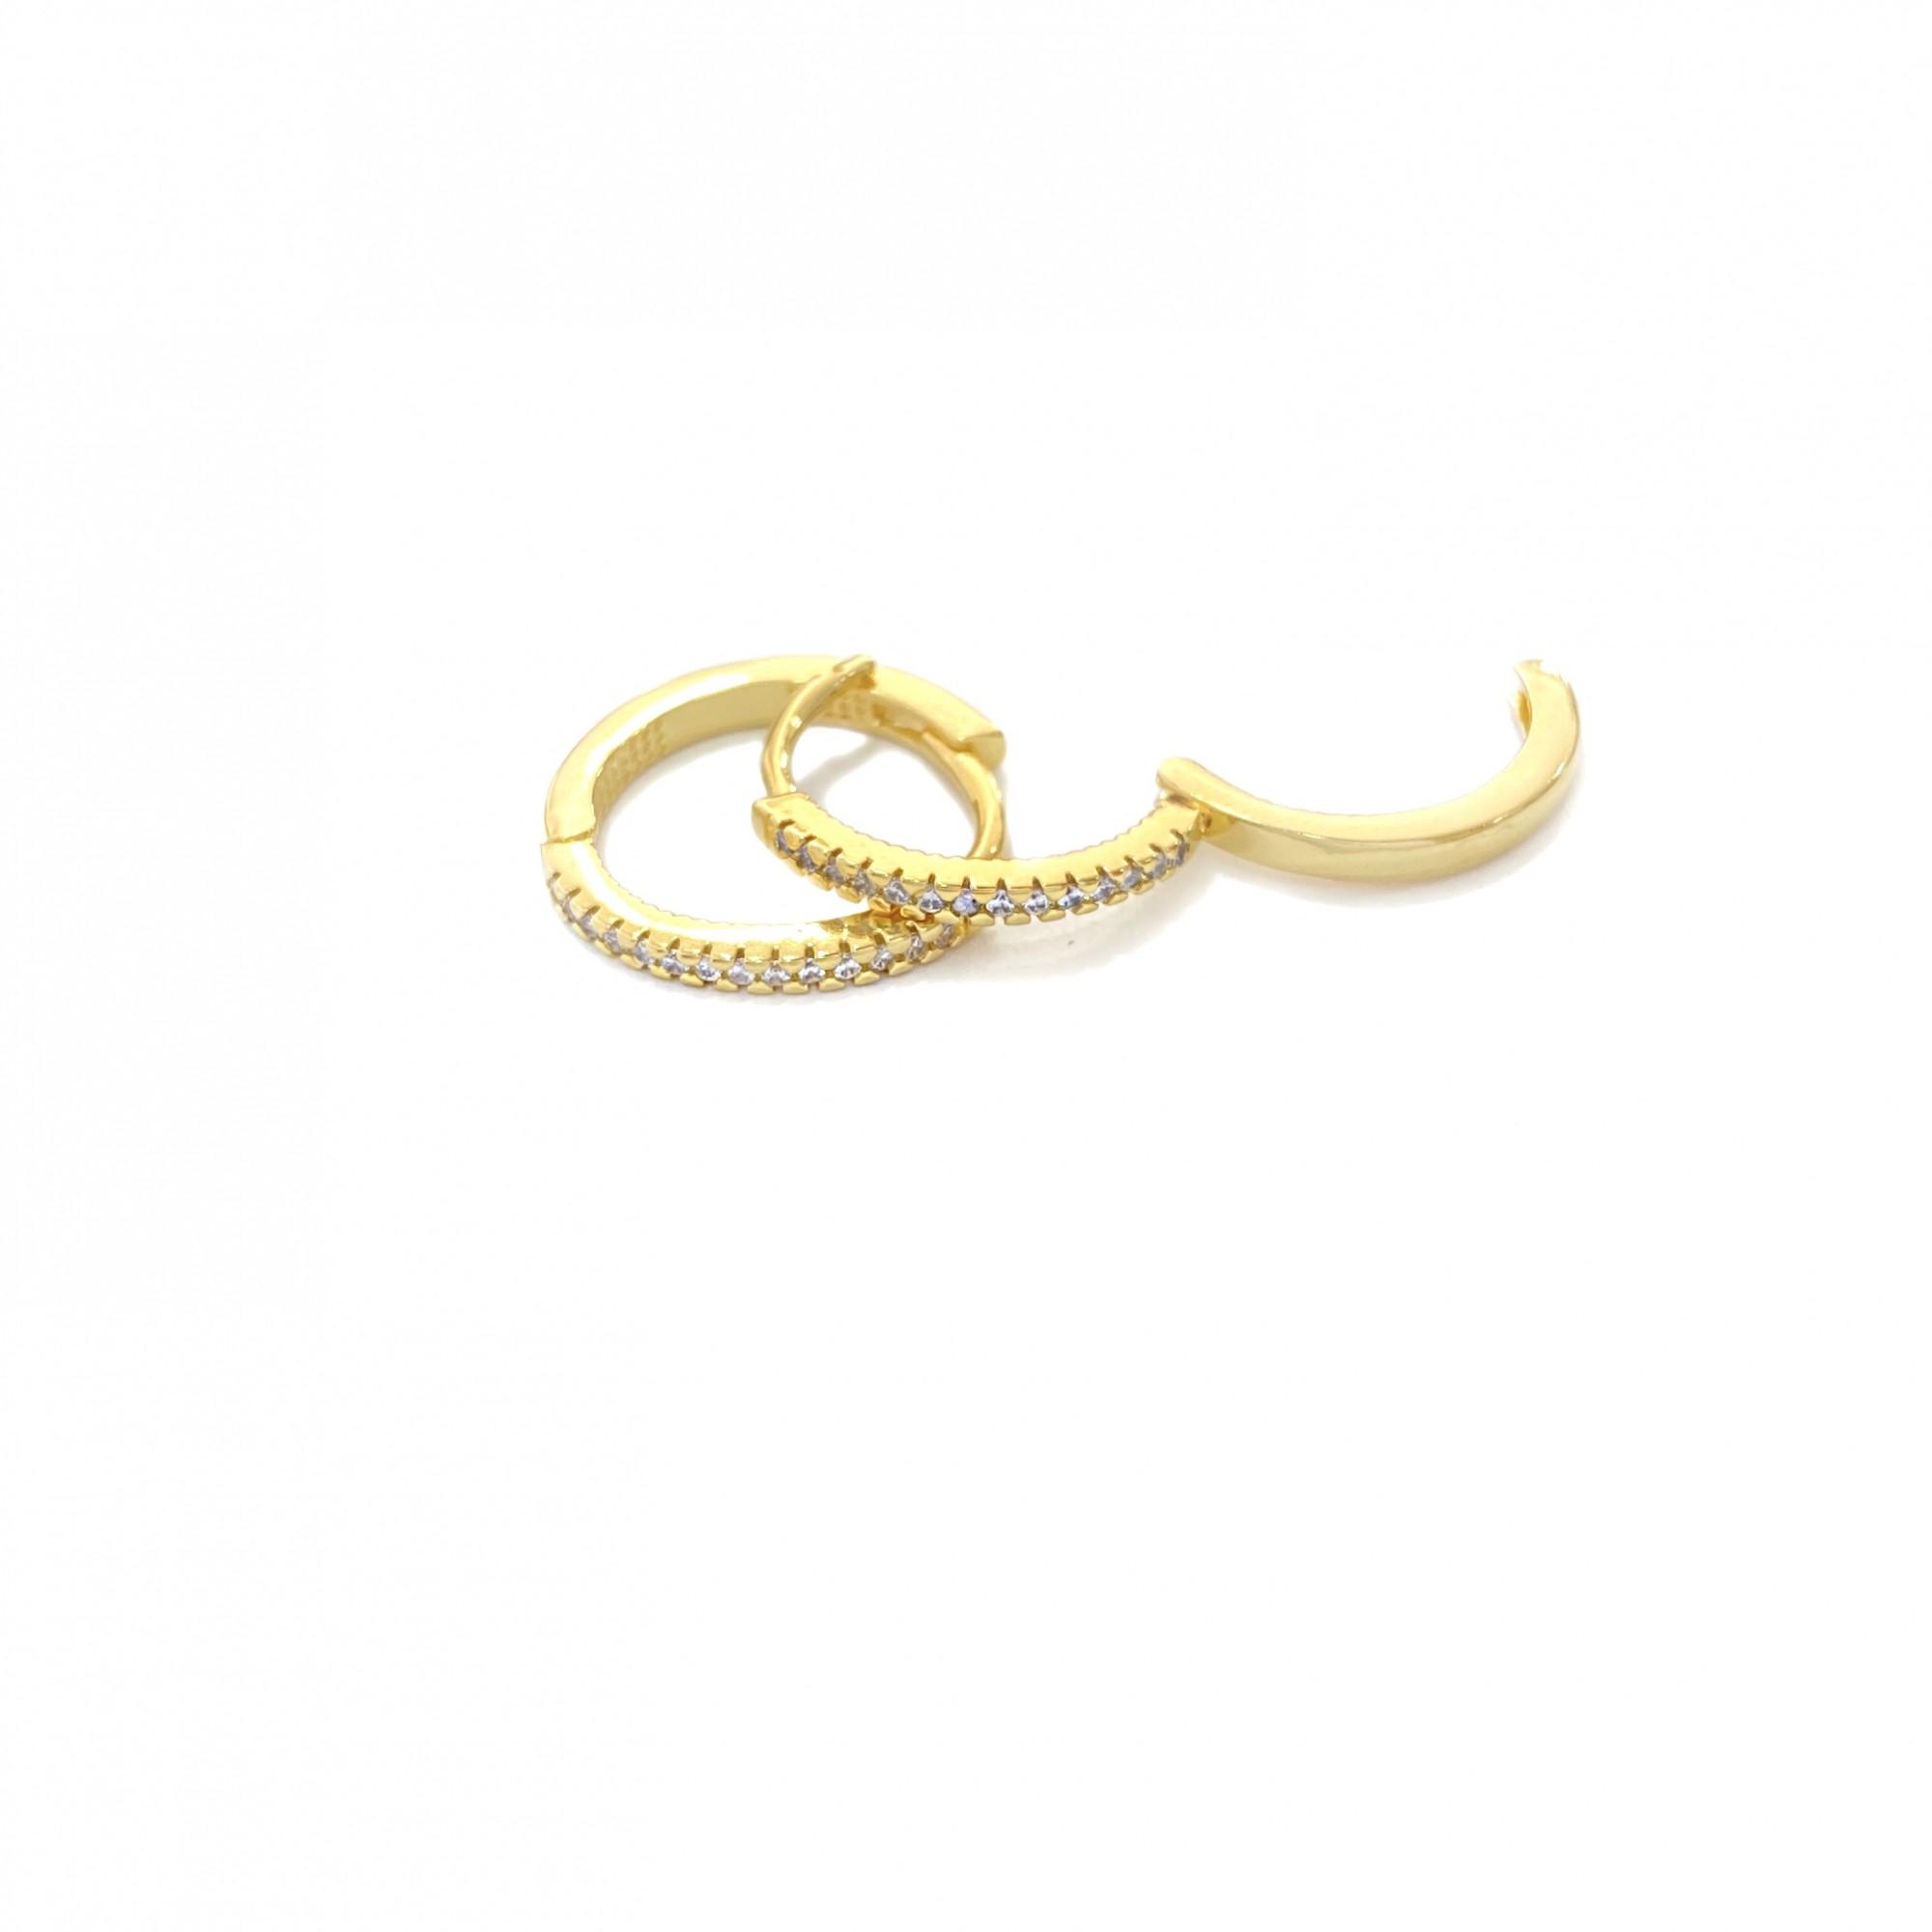 Brinco Argola 1 Fileira G Cravejado em Zircônia  (Banho Ouro 24k)